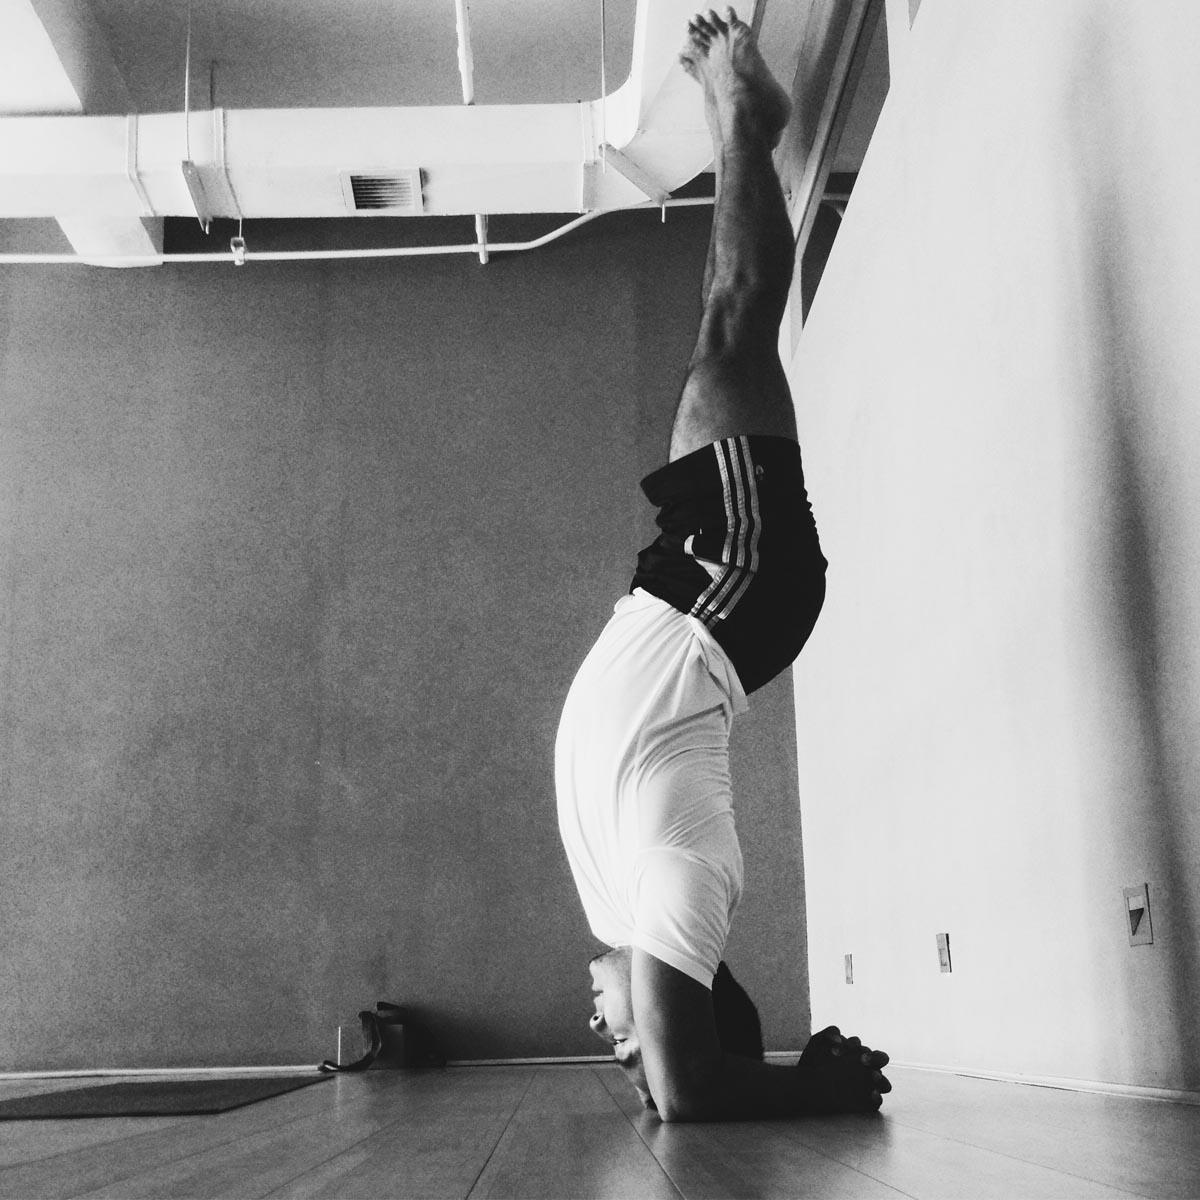 marc_balancing act